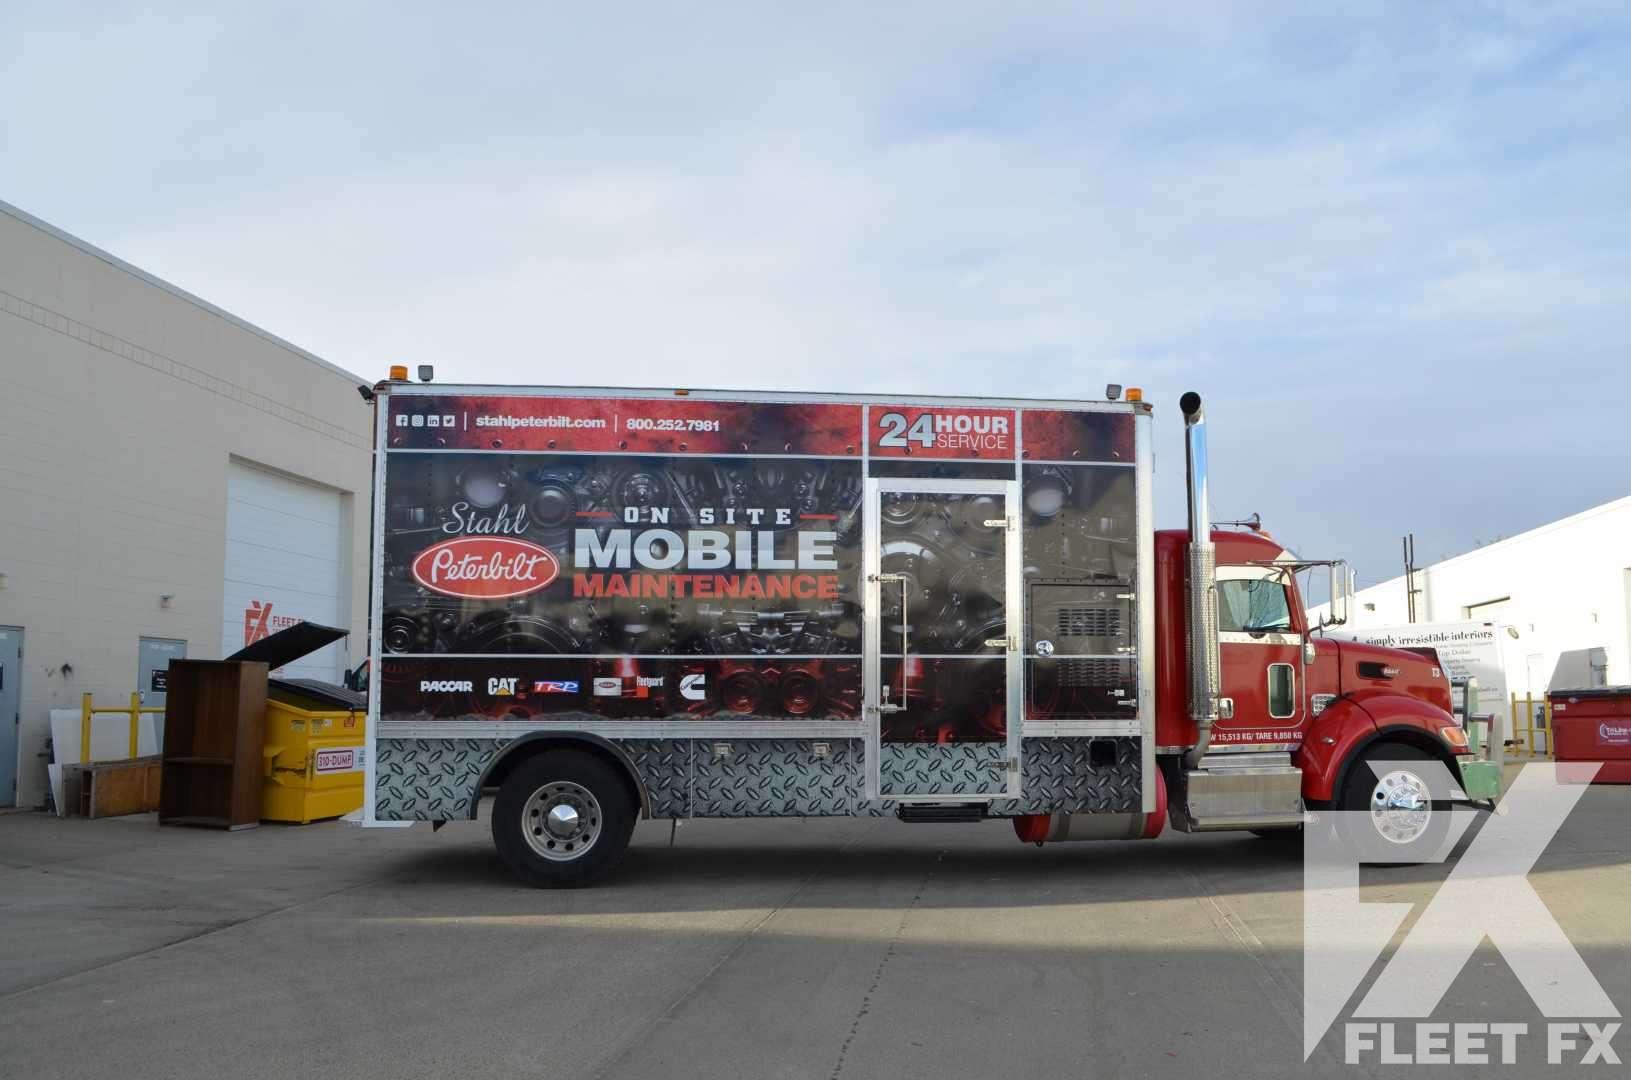 Stahl Peterbilt Full Service Truck Wrap Fleet Fx Graphics